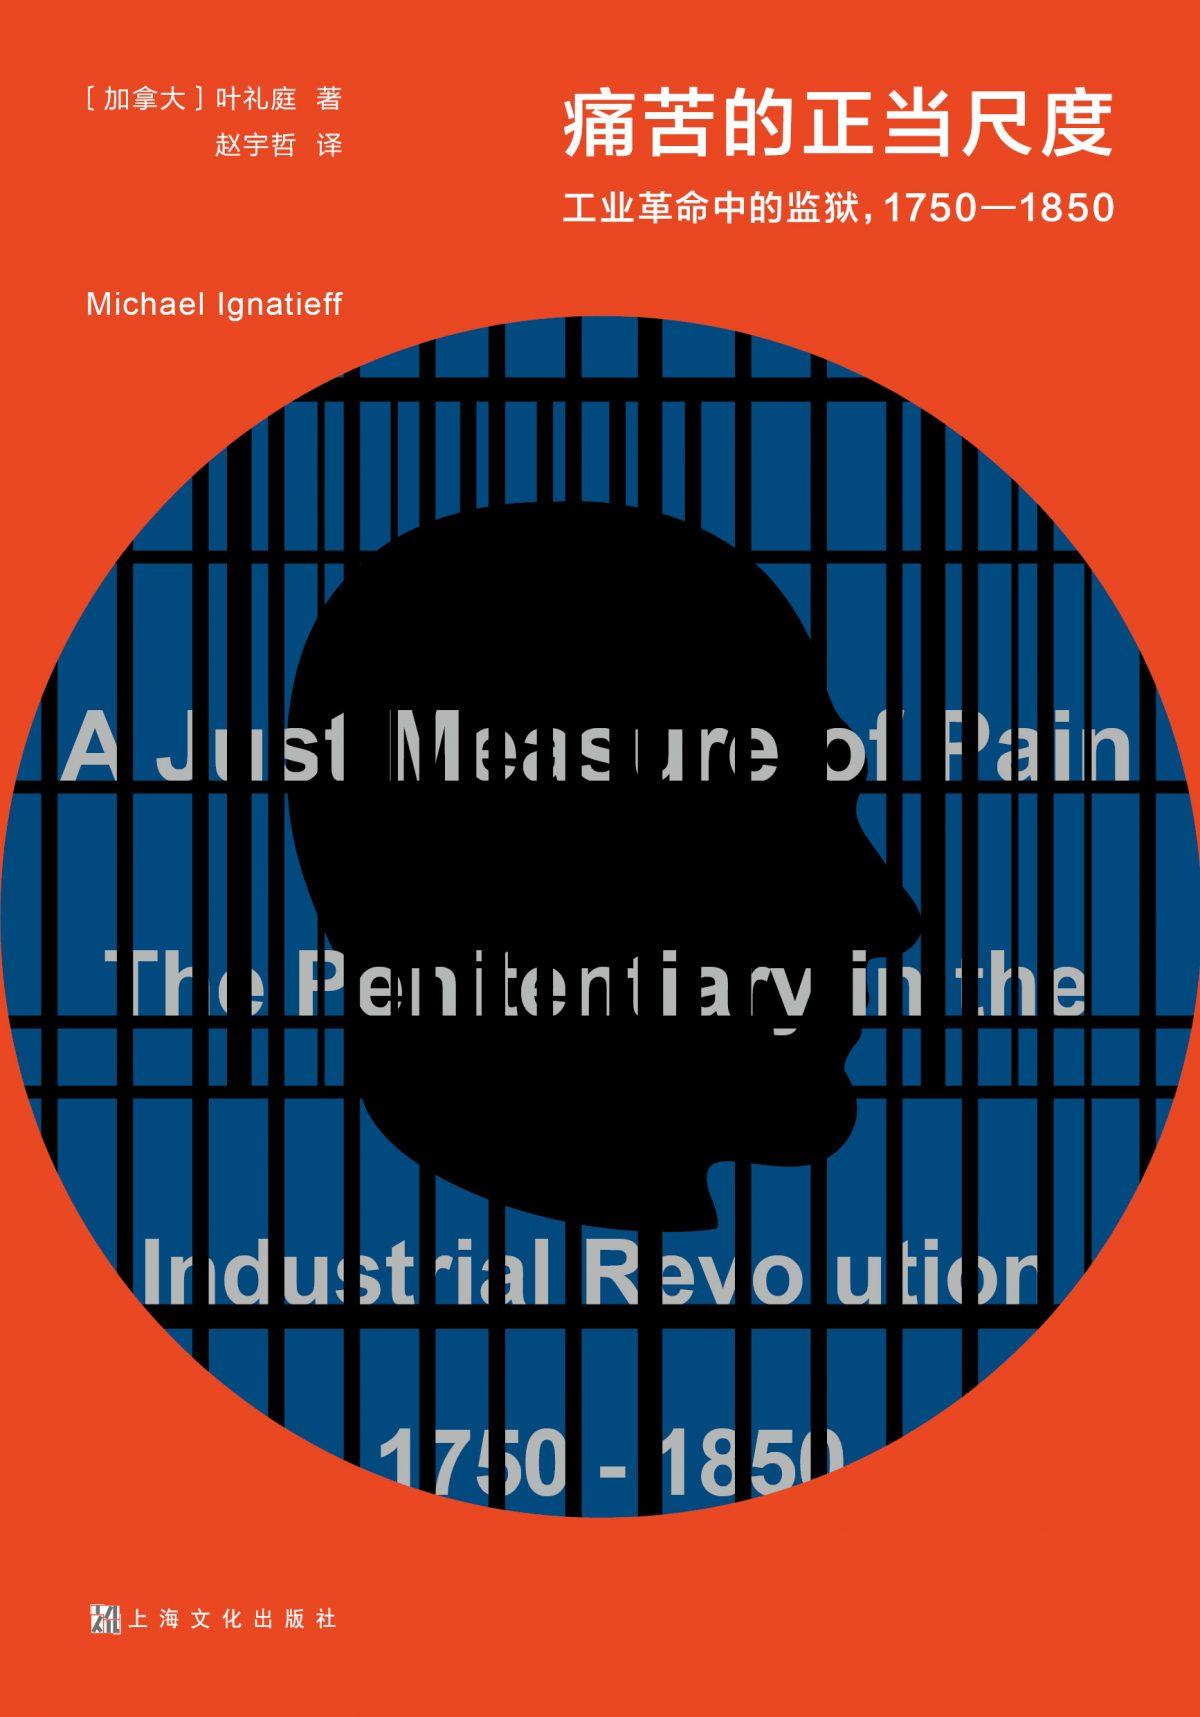 痛苦的正当尺度:工业革命中的监狱:1750-1850